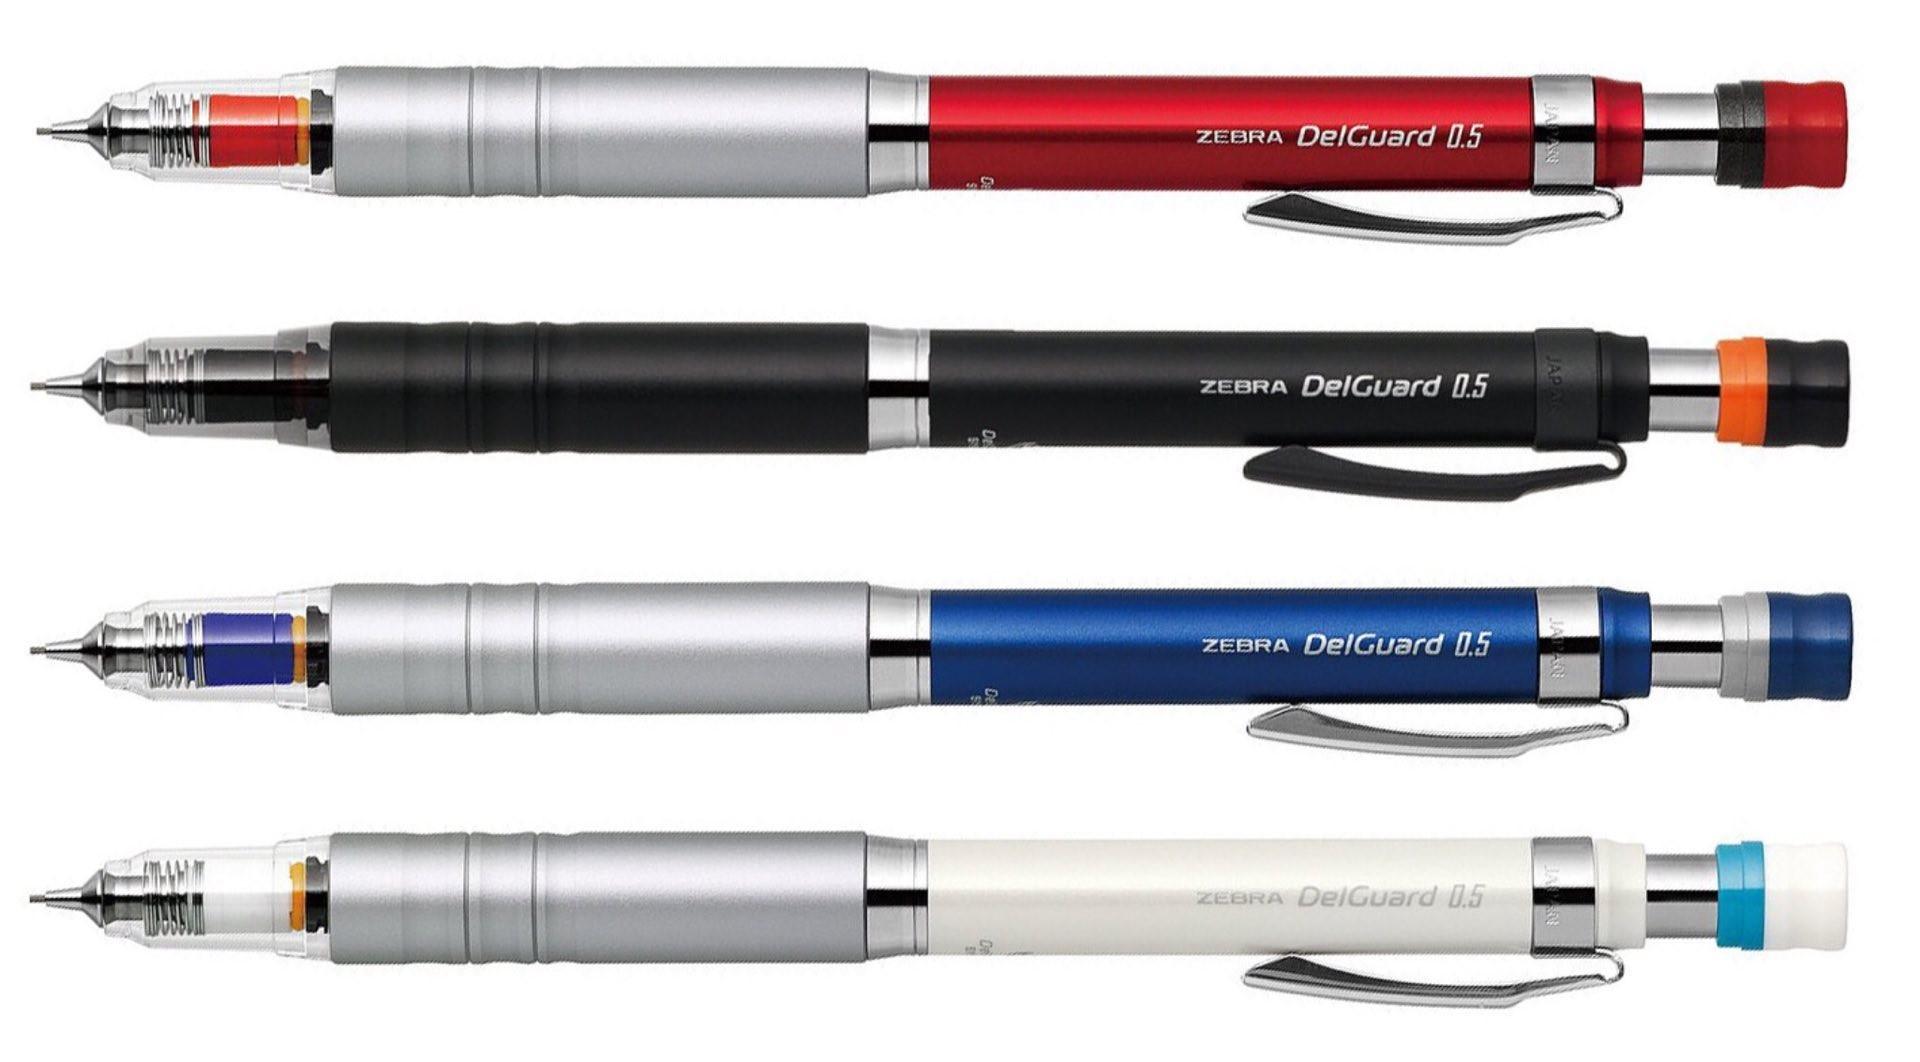 Zebra's DelGuard Type-Lx mechanical pencils. ($9 a pop)